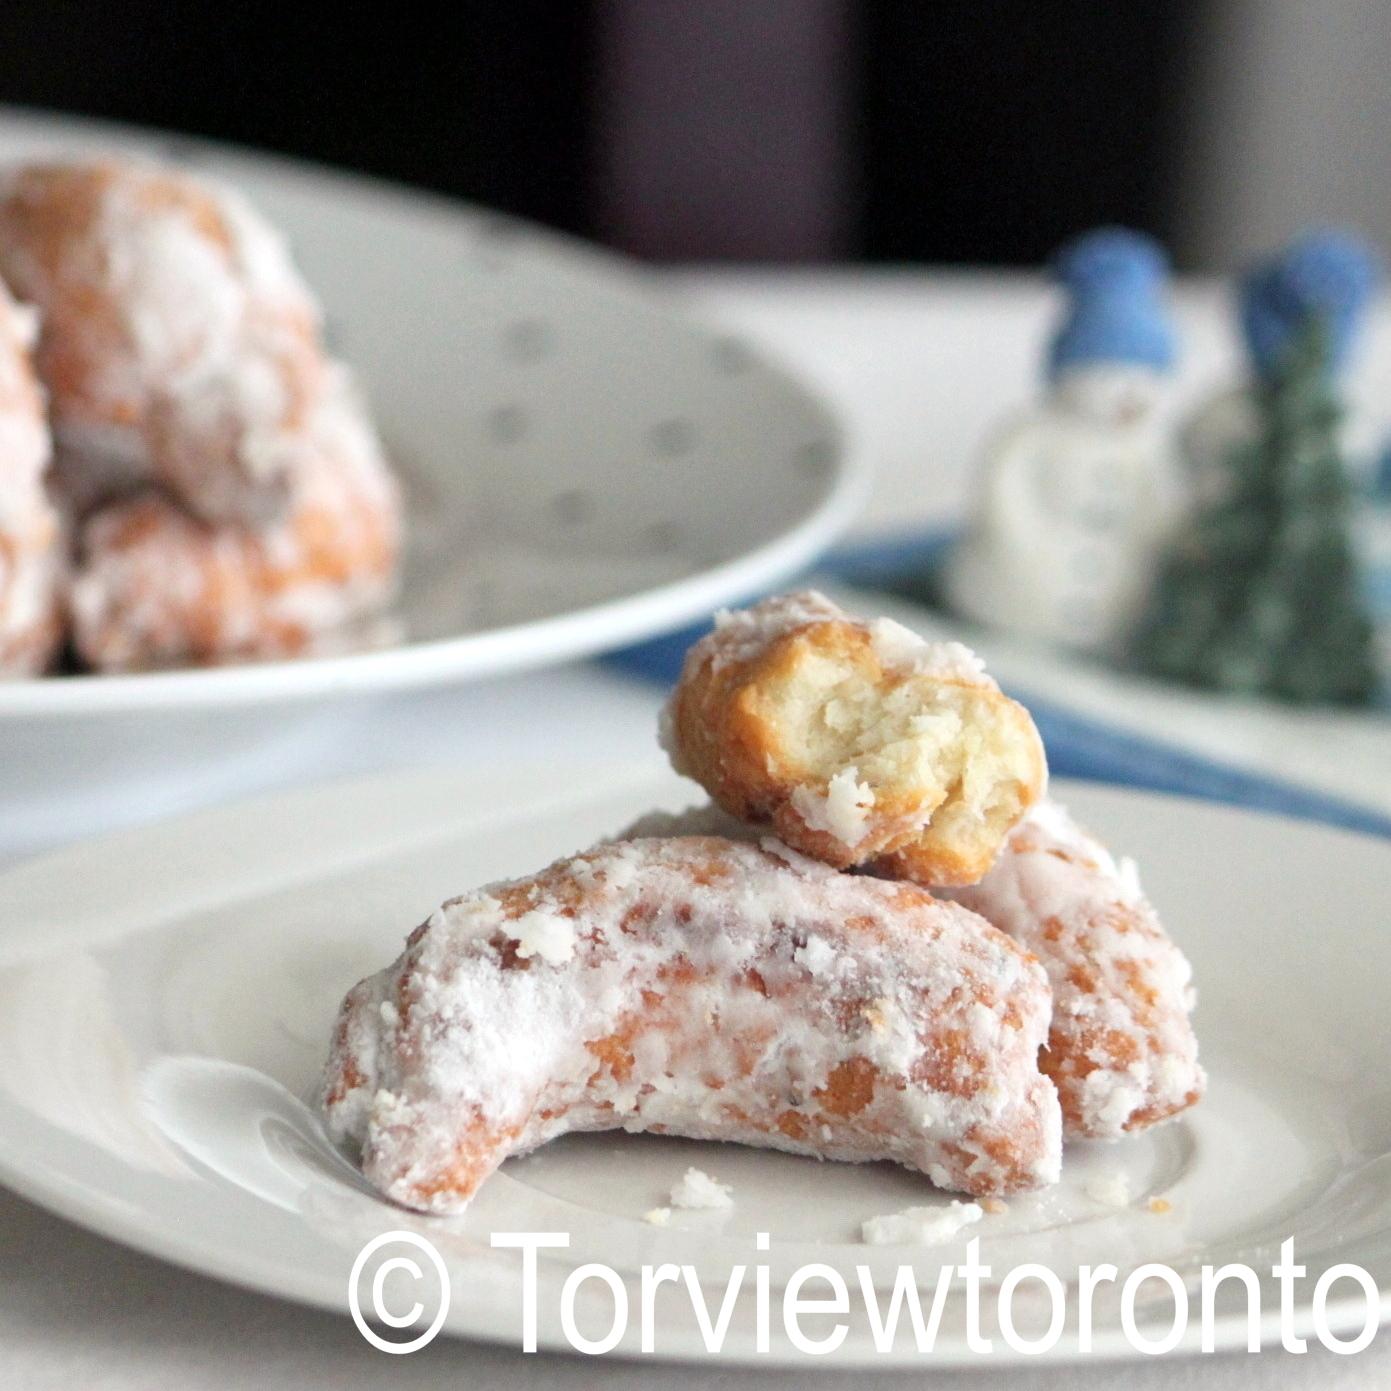 Cardamom pastries